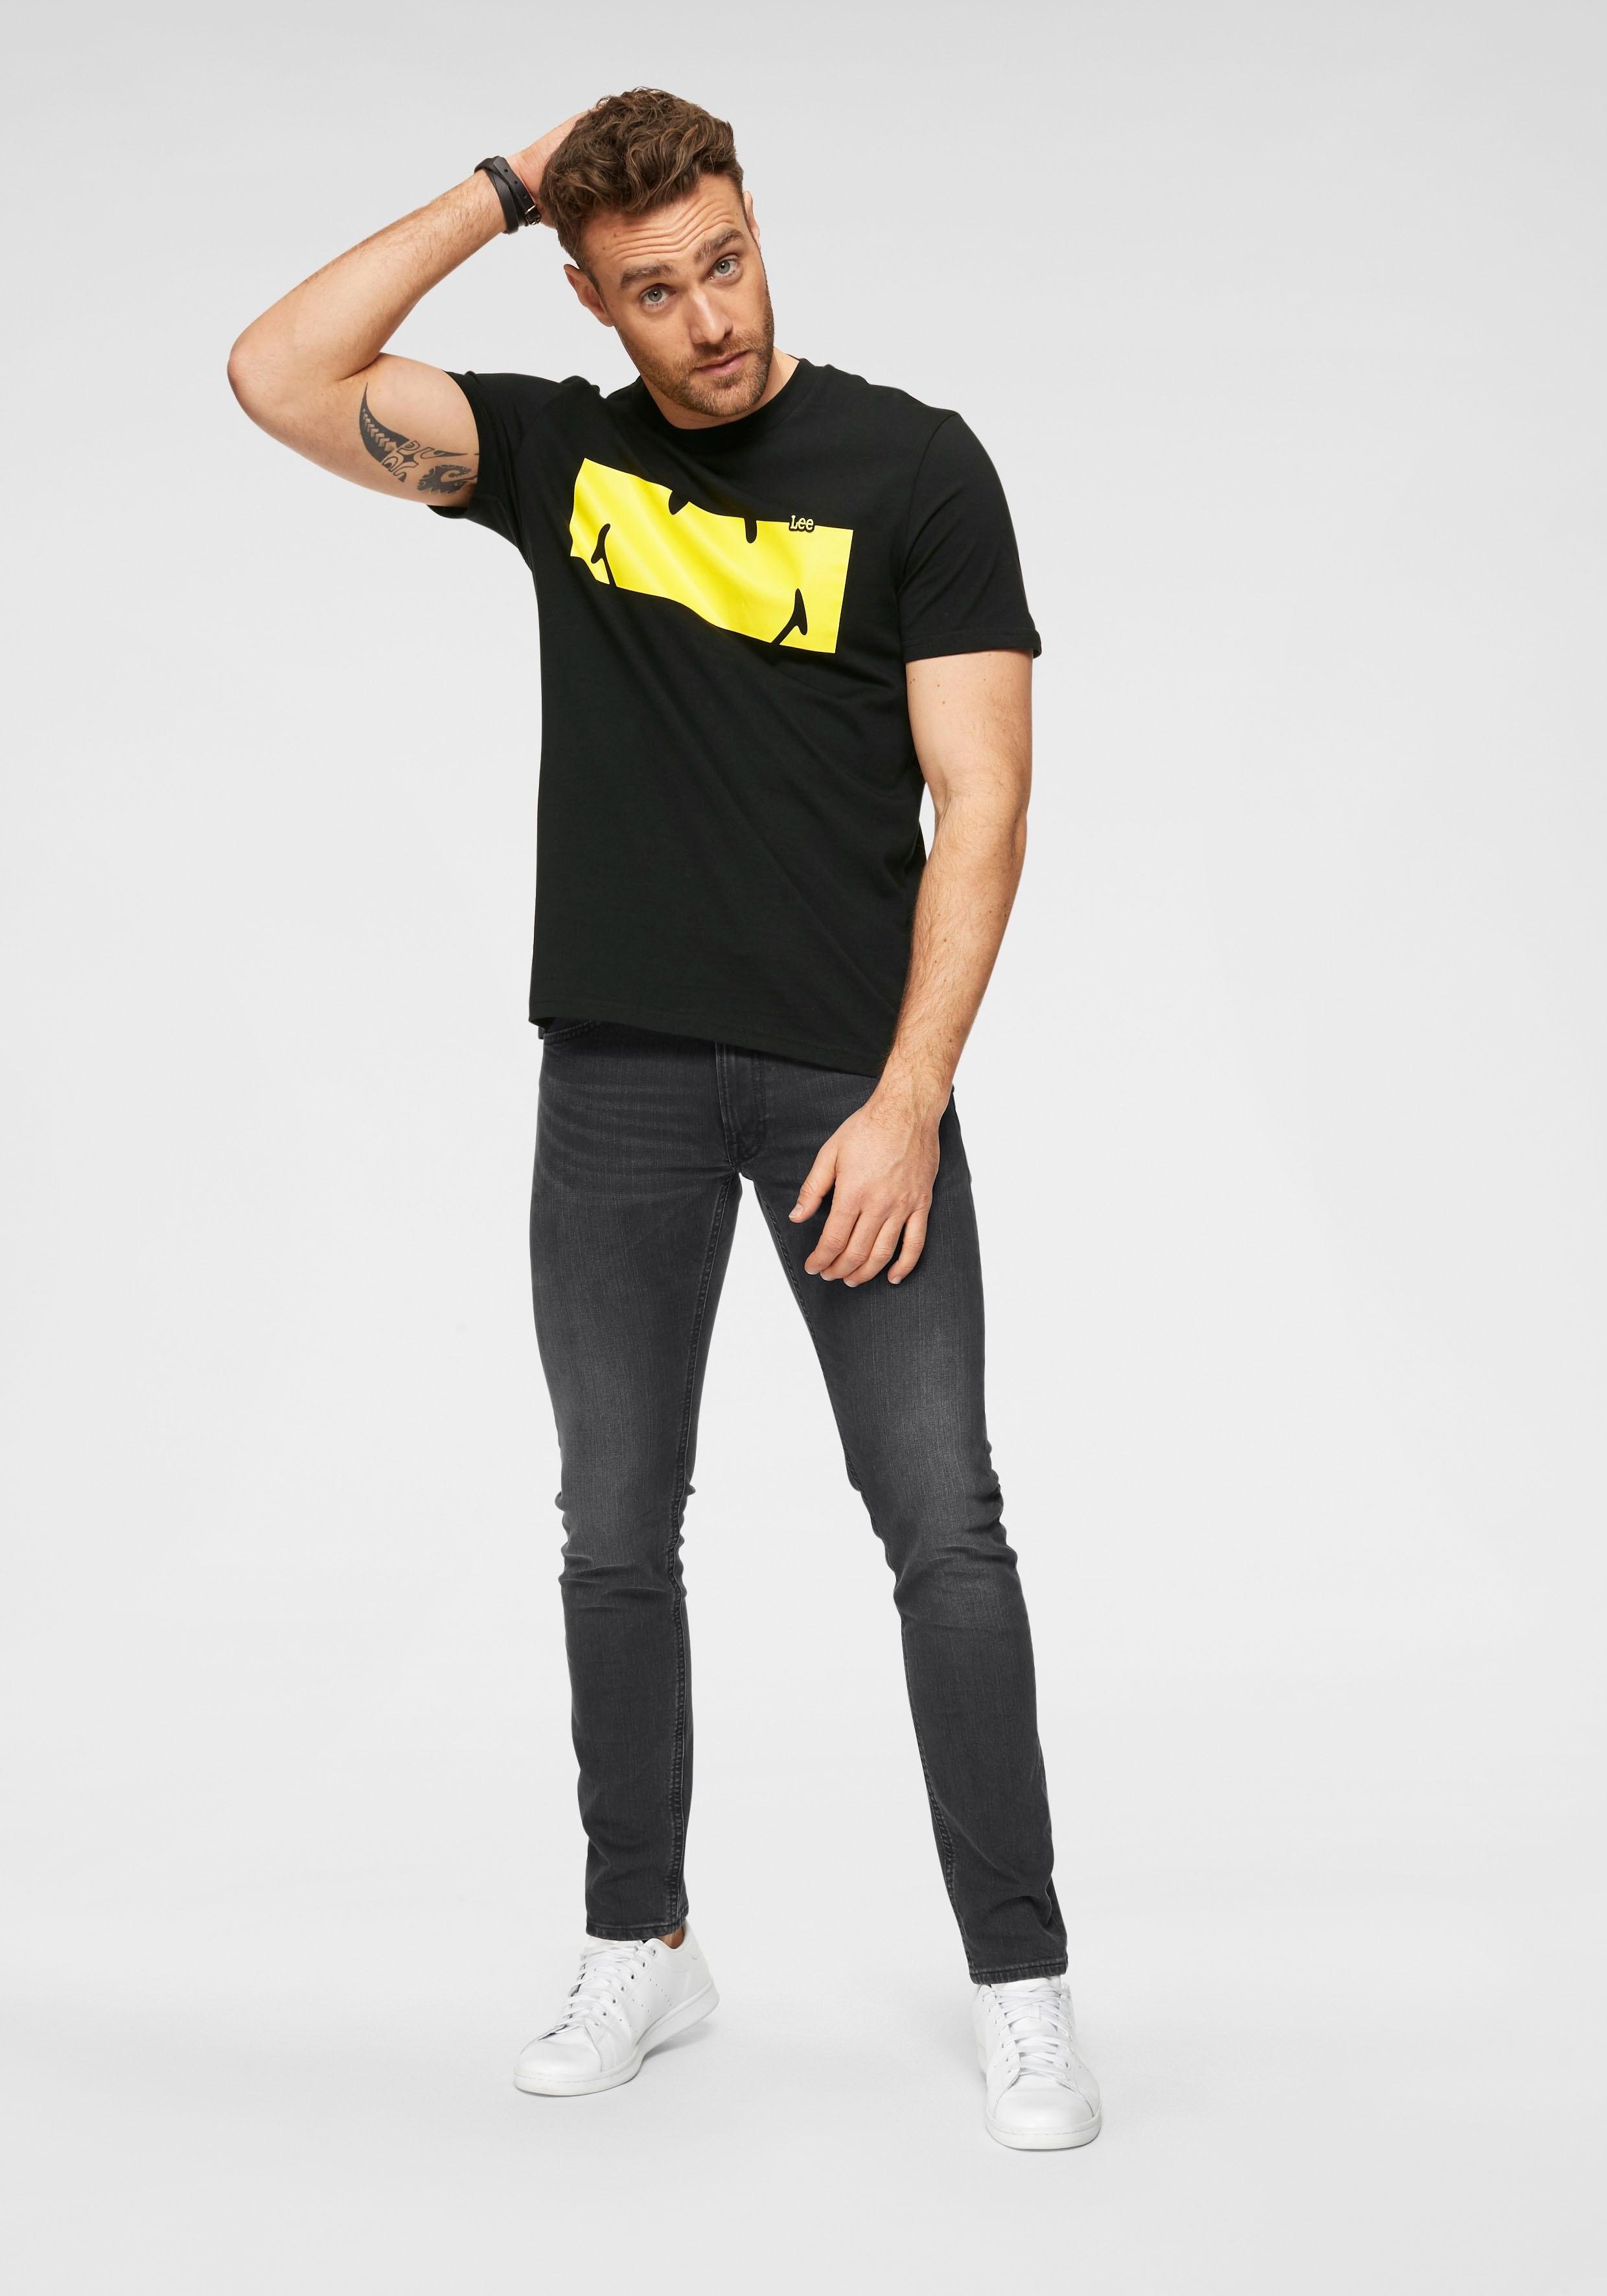 Met Bestellen shirt Lee® Shirt Printt Bij c4LRq3j5AS